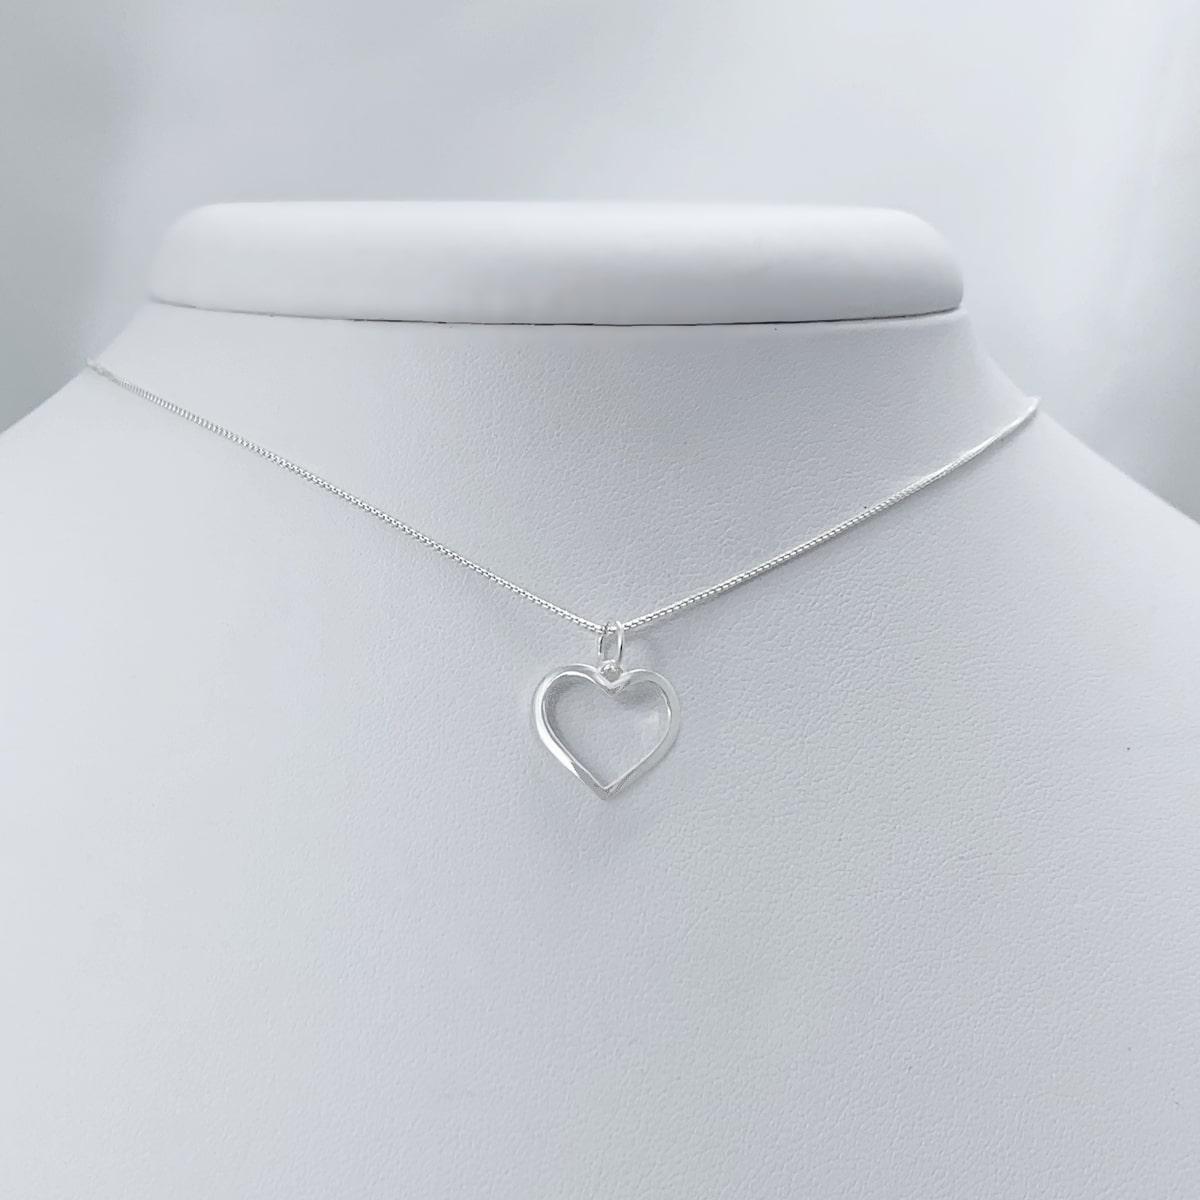 Colar Coração Curvado Prata 925